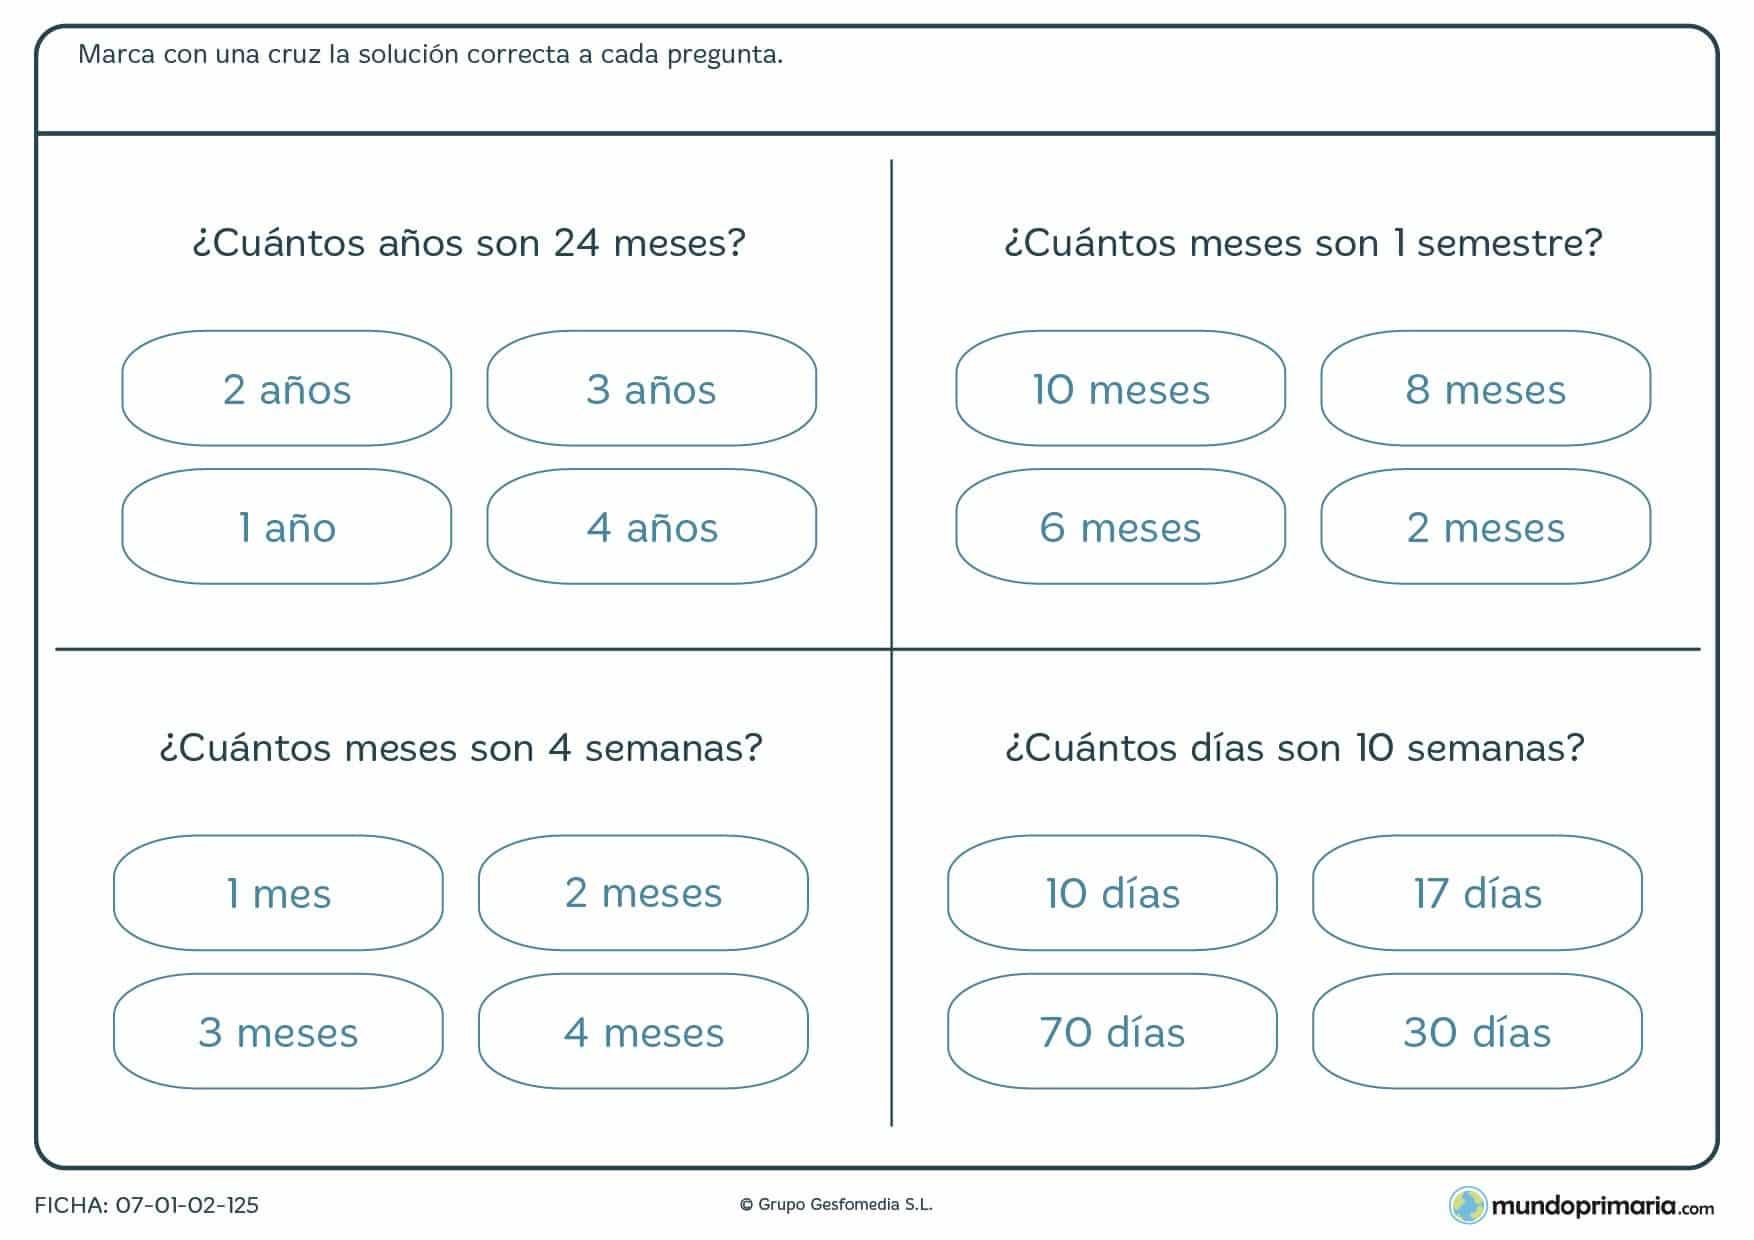 Ficha de medidas de tiempo en la que tienes que elegir la respuesta correcta a la equivalencia entre días, semanas y meses.